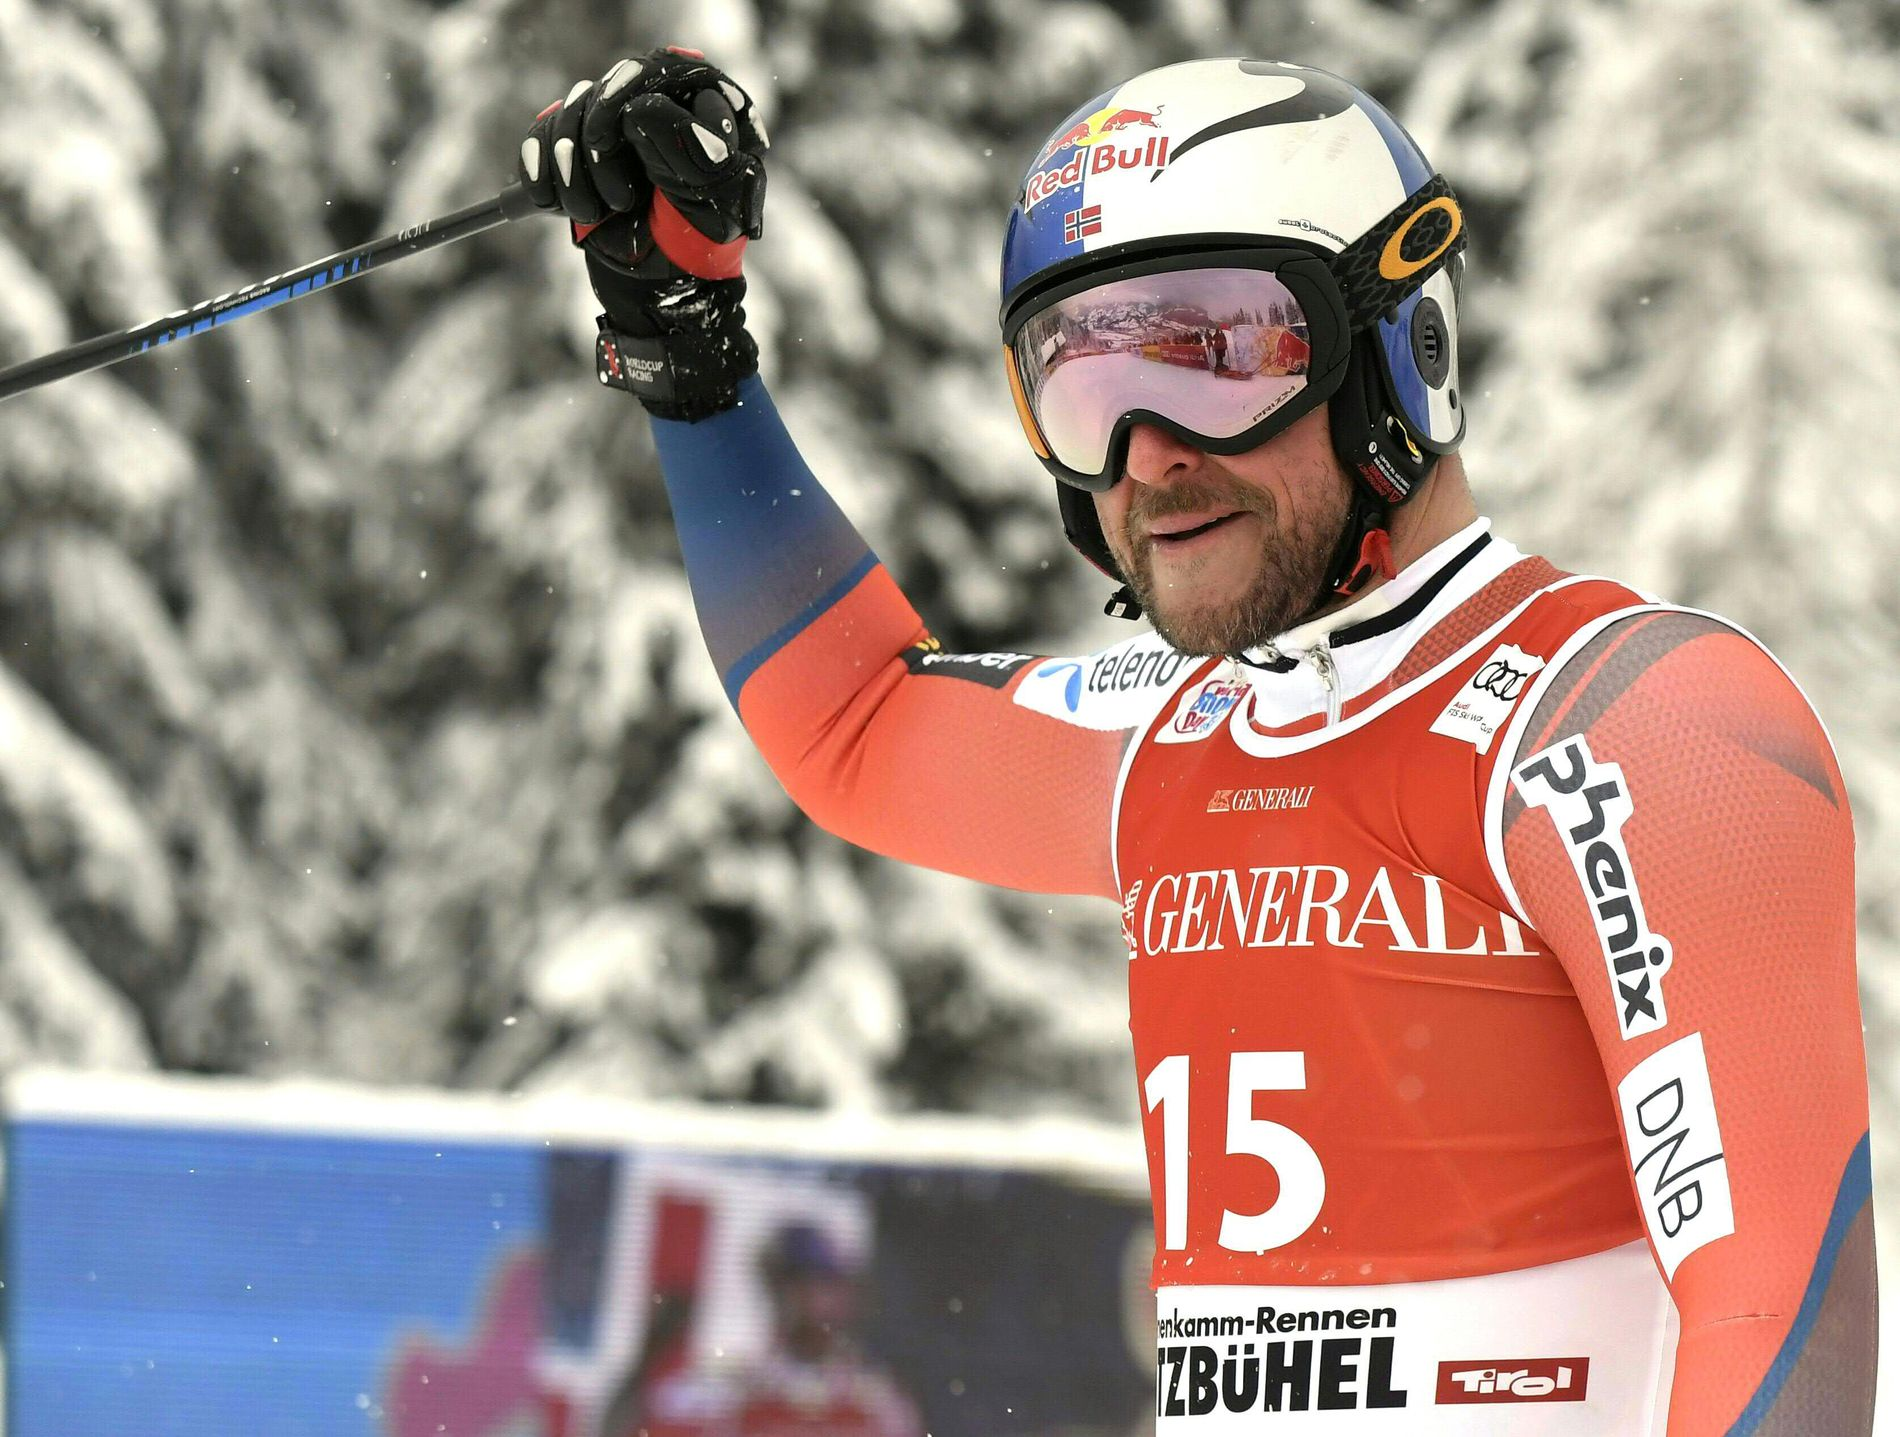 MÅ FJERNES: Aksel Lund Svindal kan ikke lenger bruke Red Bull-logoen på hjelmen. Fra nå blir det skiforbundets hovedsponsor Telenor som gjelder.